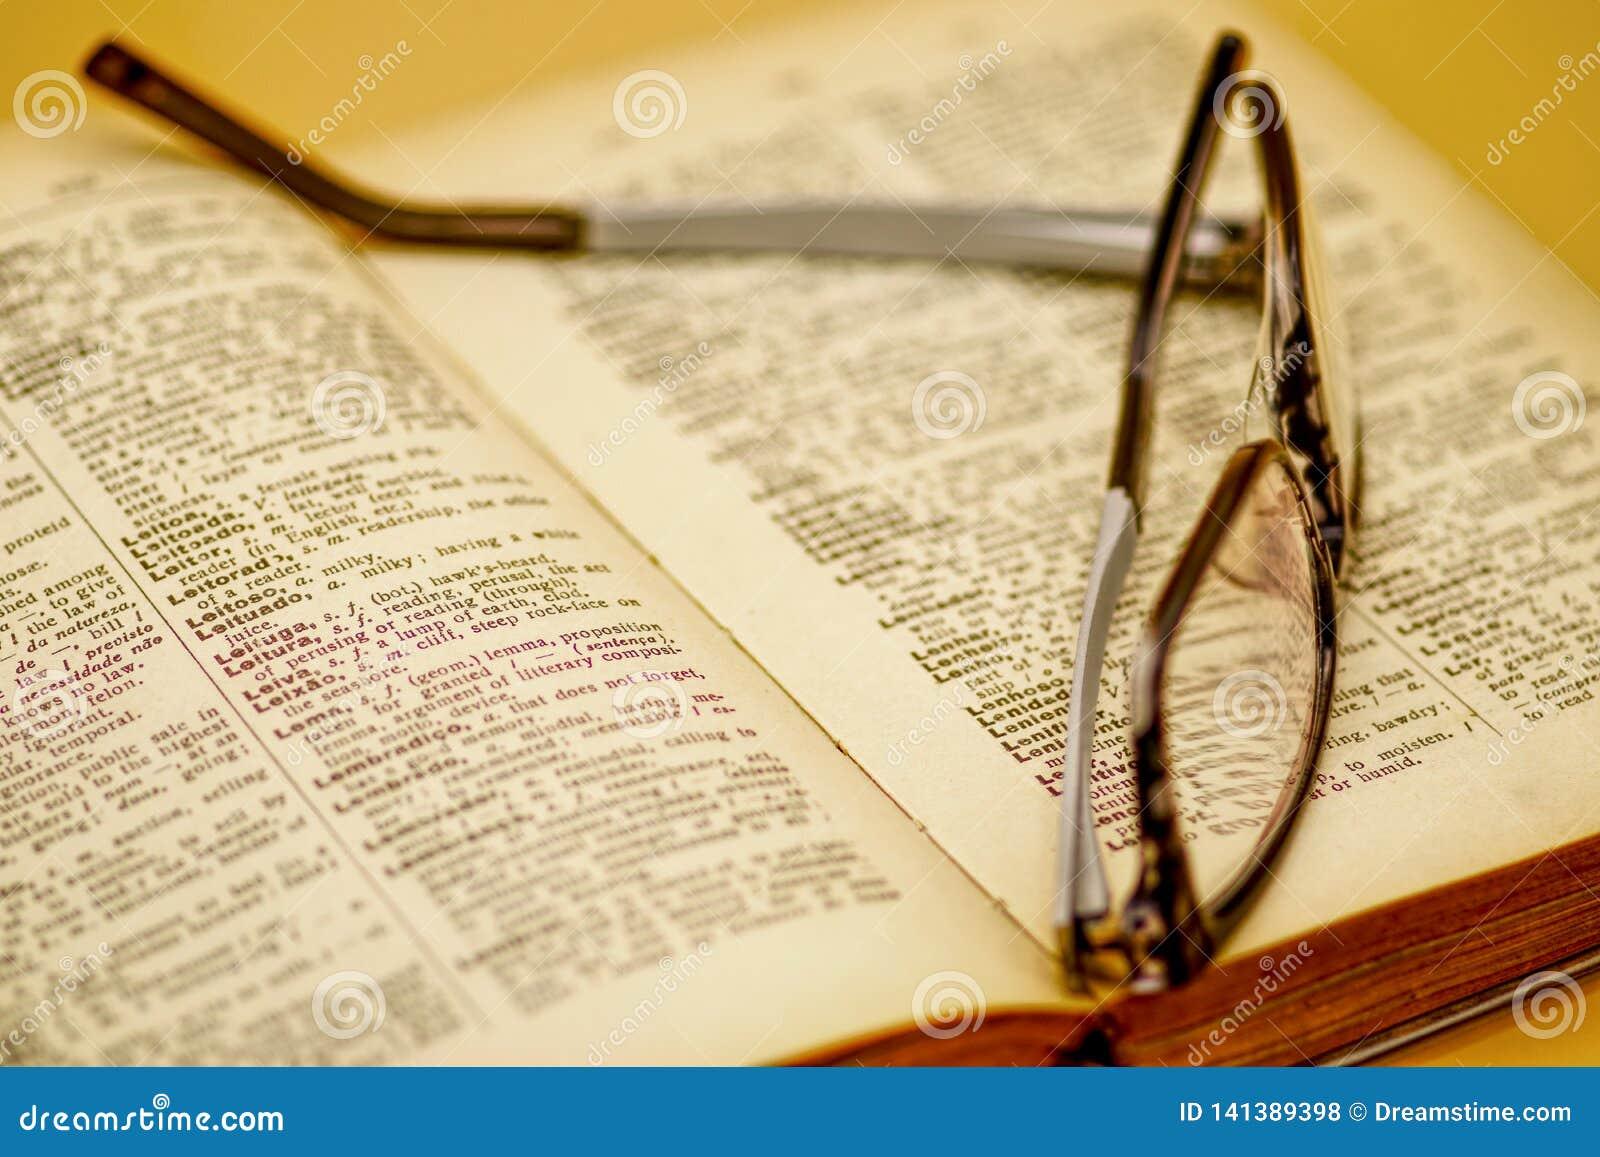 Altes Buch und Lesebrille